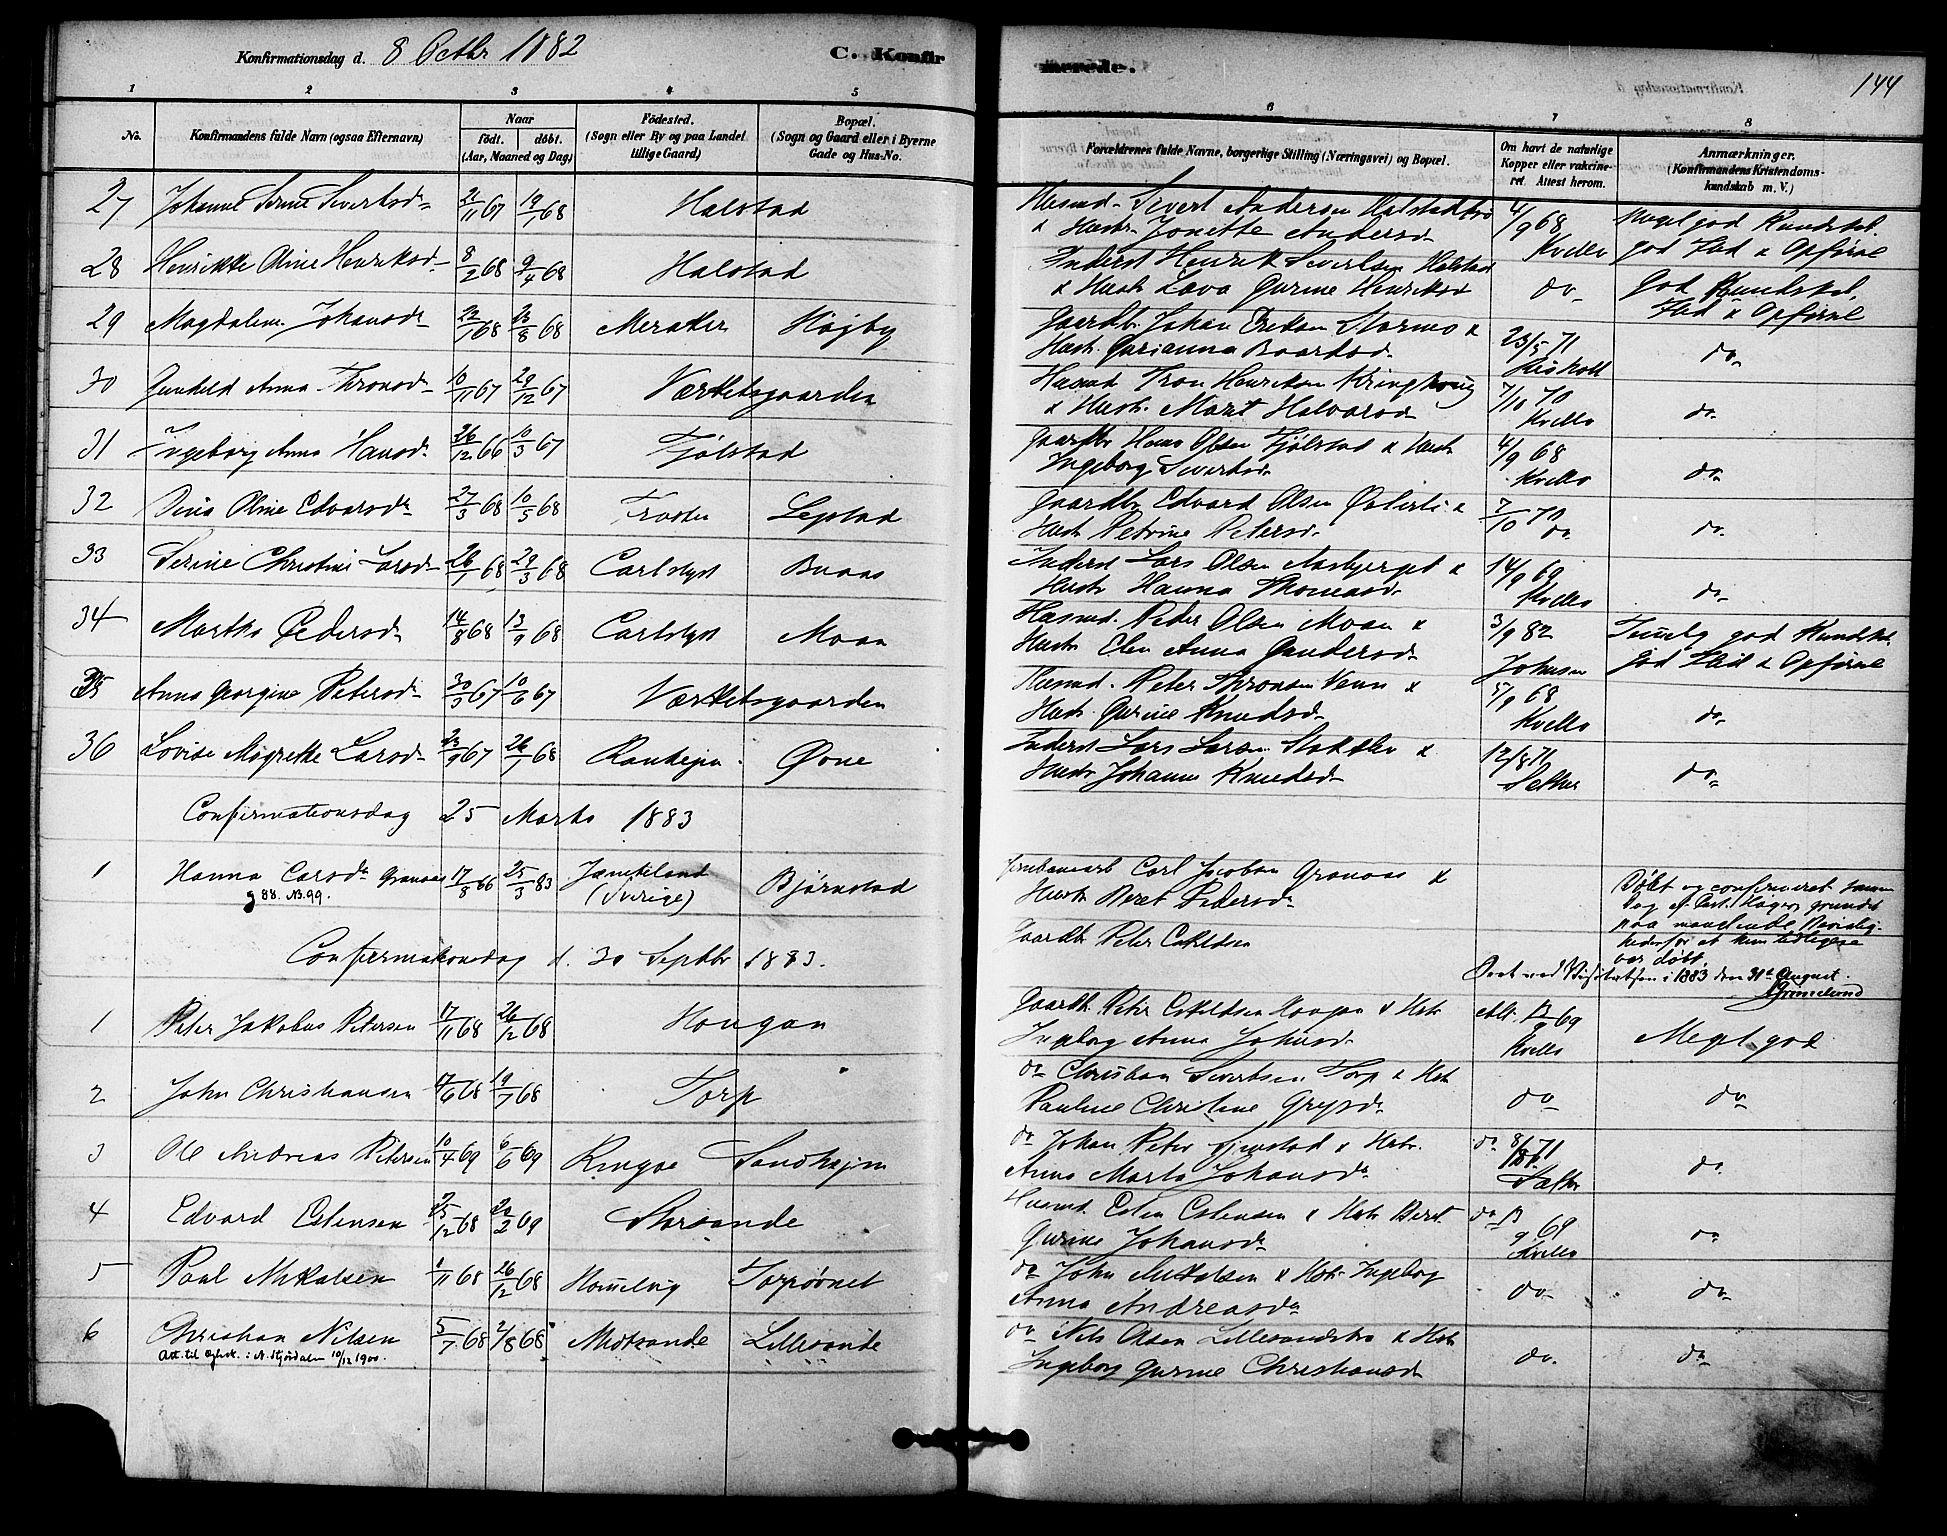 SAT, Ministerialprotokoller, klokkerbøker og fødselsregistre - Sør-Trøndelag, 616/L0410: Ministerialbok nr. 616A07, 1878-1893, s. 144